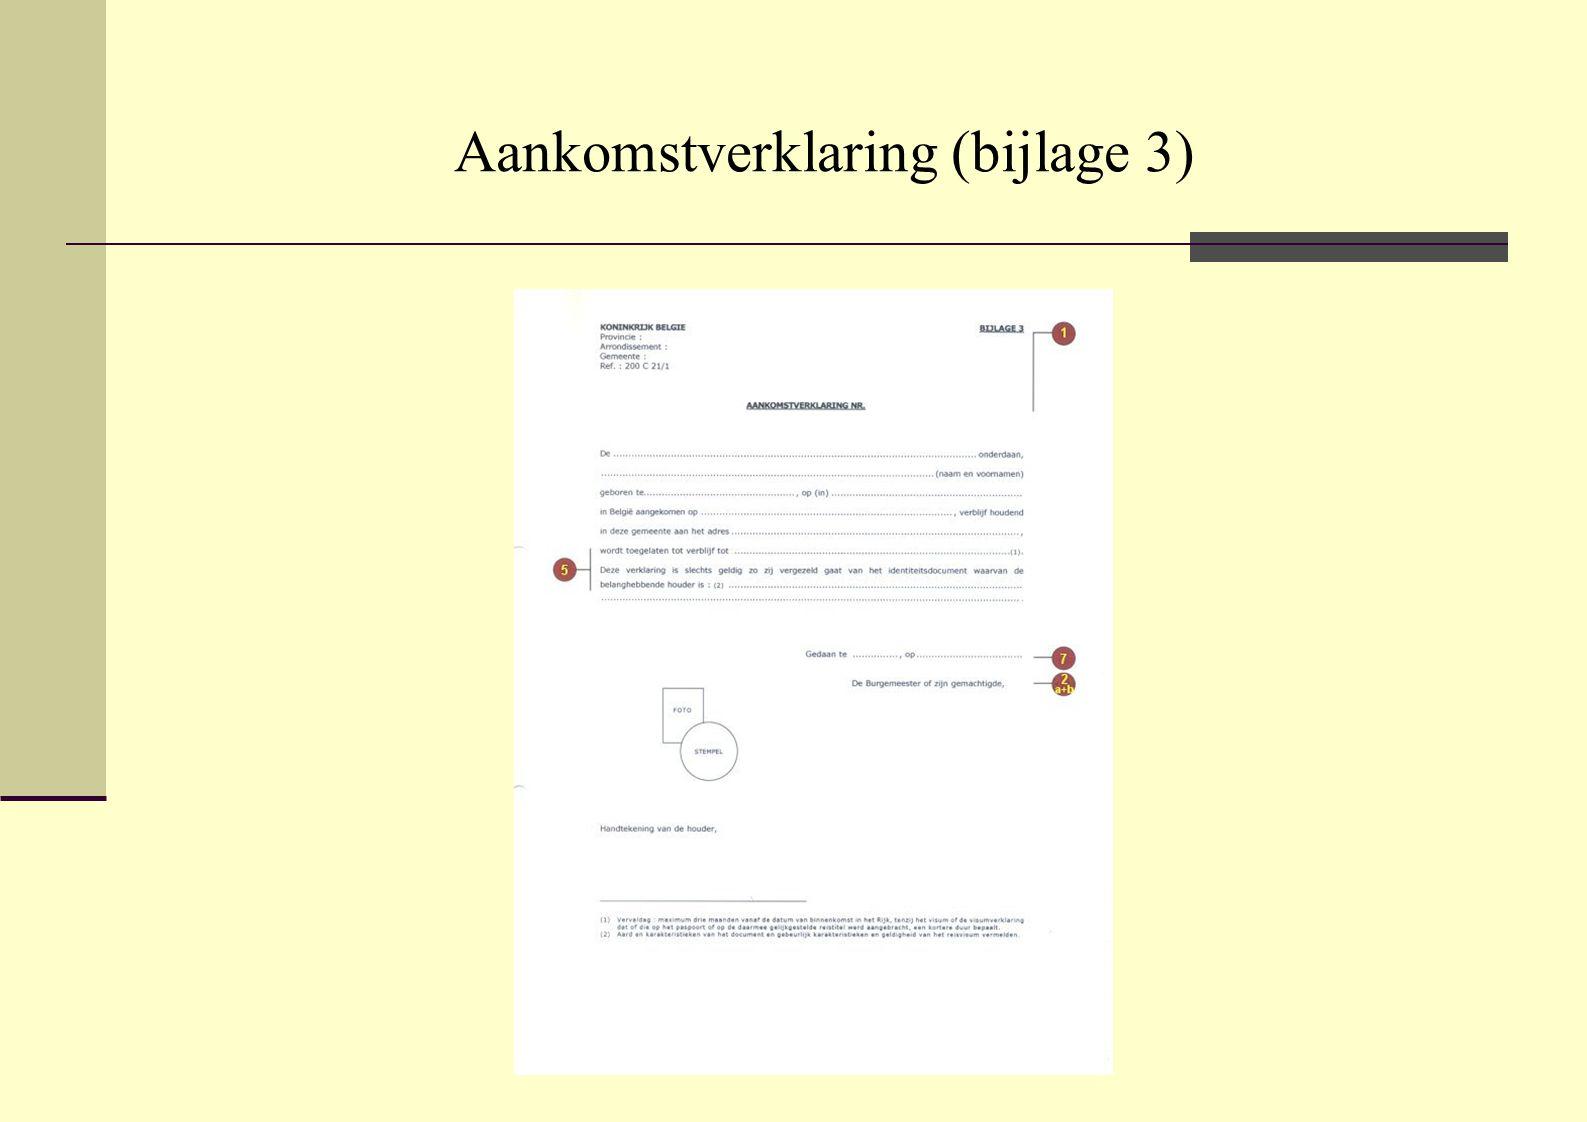 Unieburger-gezinslid van Belg/Unieburger: voorwaardelijk verblijf (2)  Toekenning elektronische E kaart (geldig voor 5 jaar)  5 jaar verblijf onder voorwaarden.